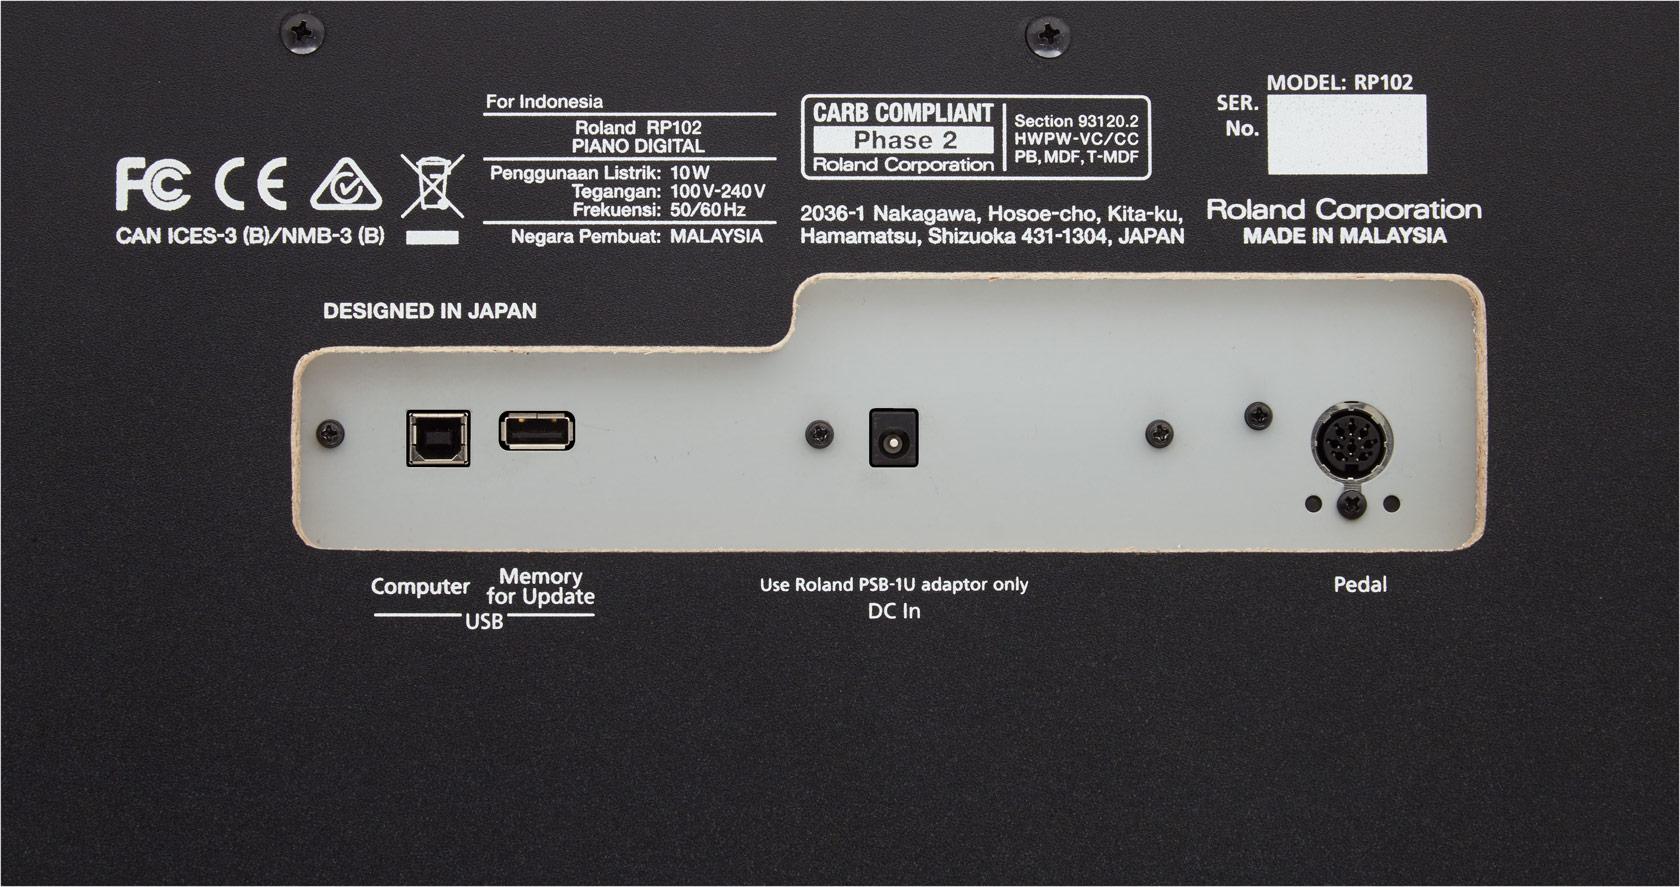 Roland - RP102